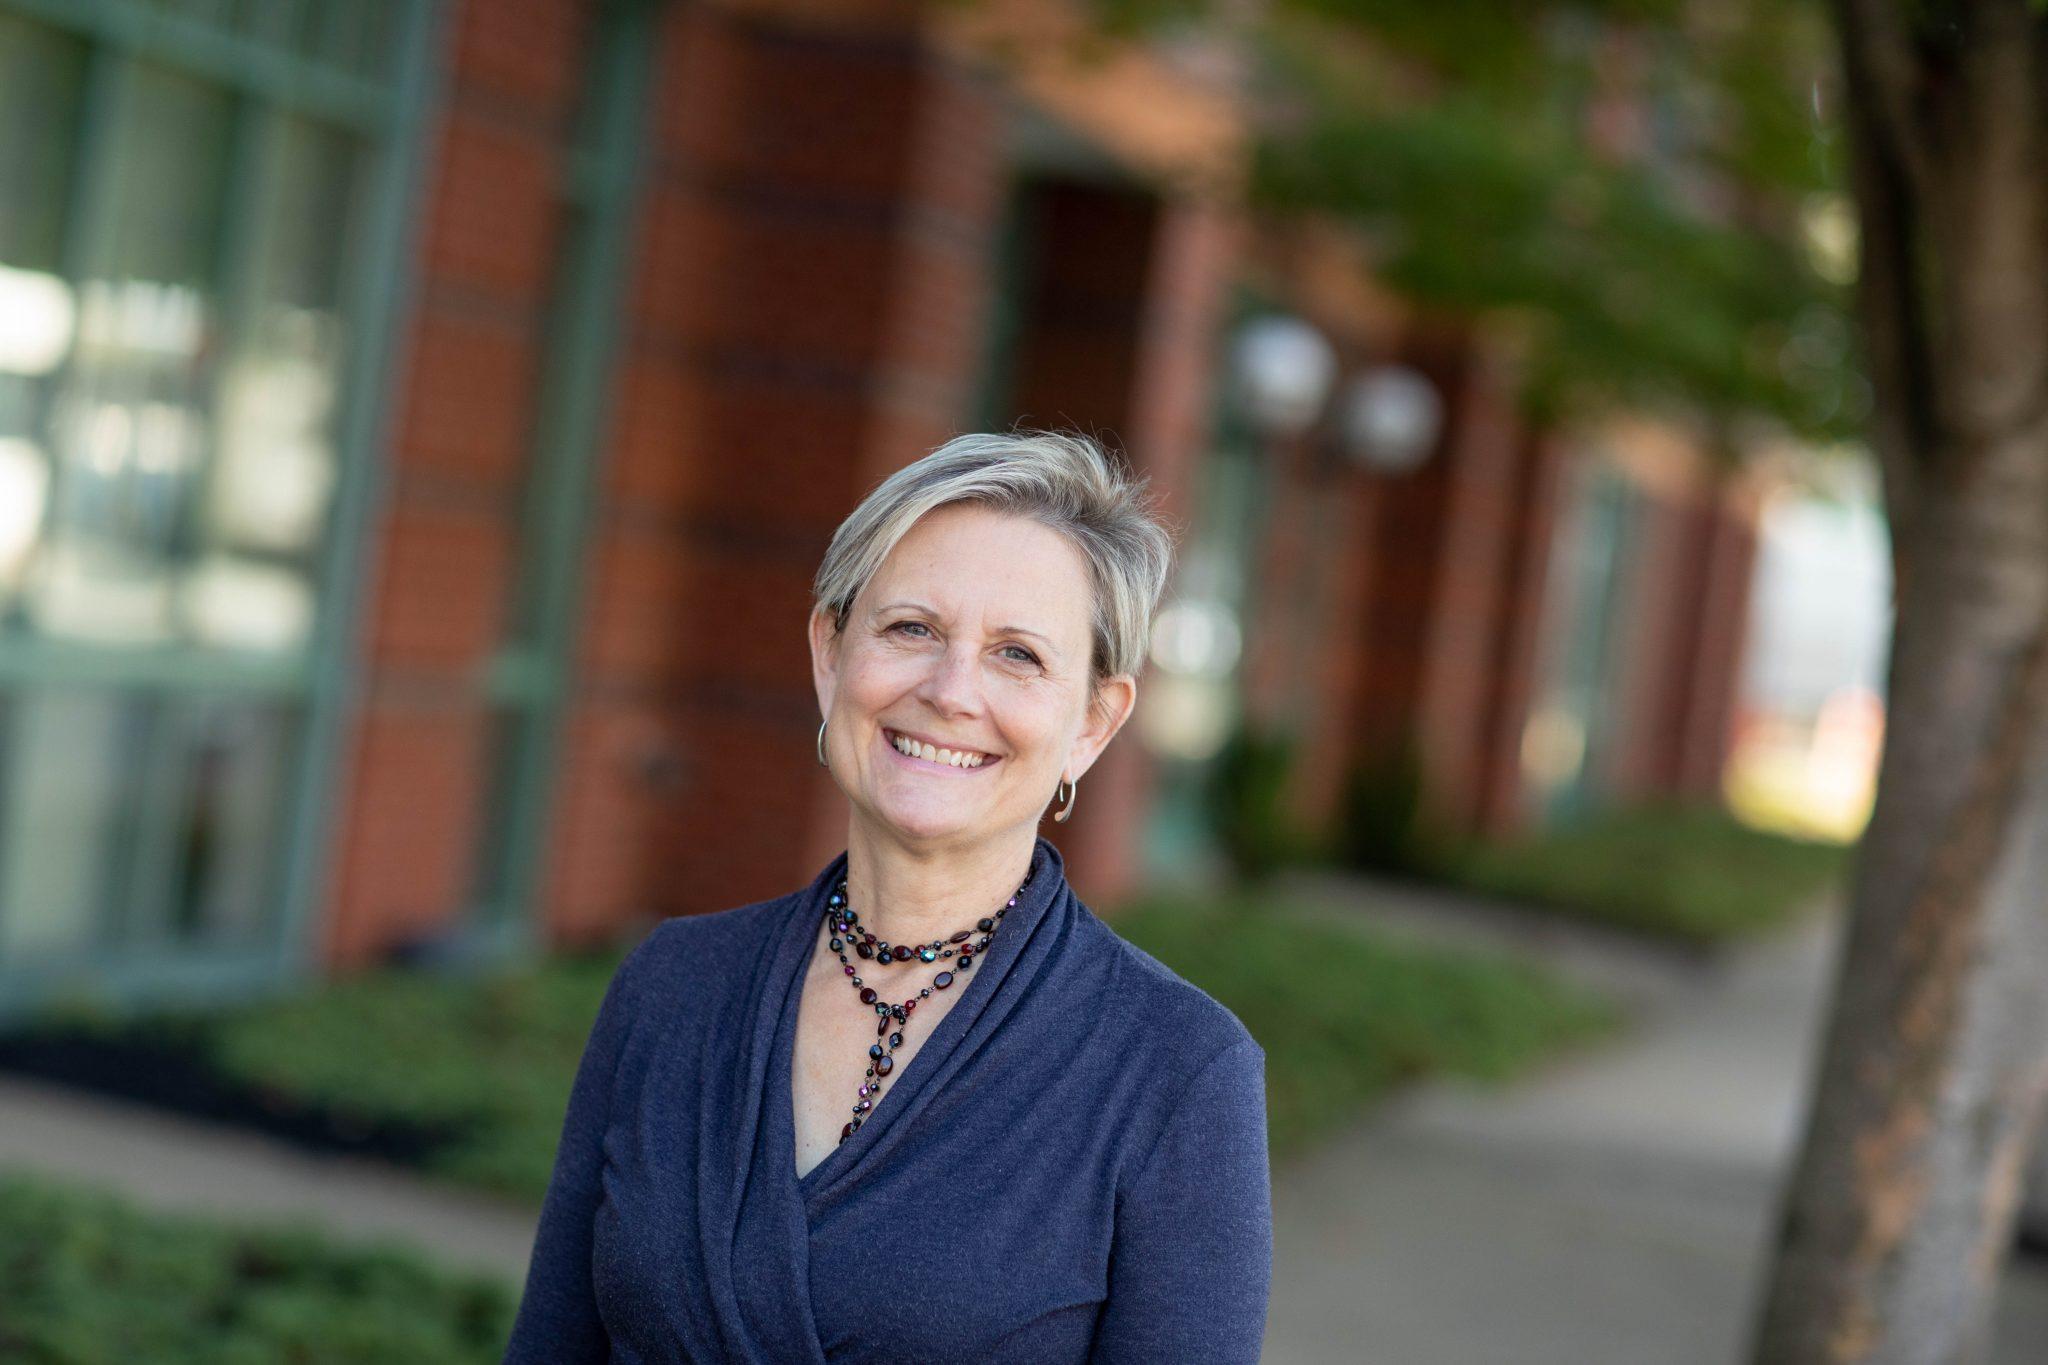 Denise McFadden, Marketing Director, celebrates 5 years with 2RW